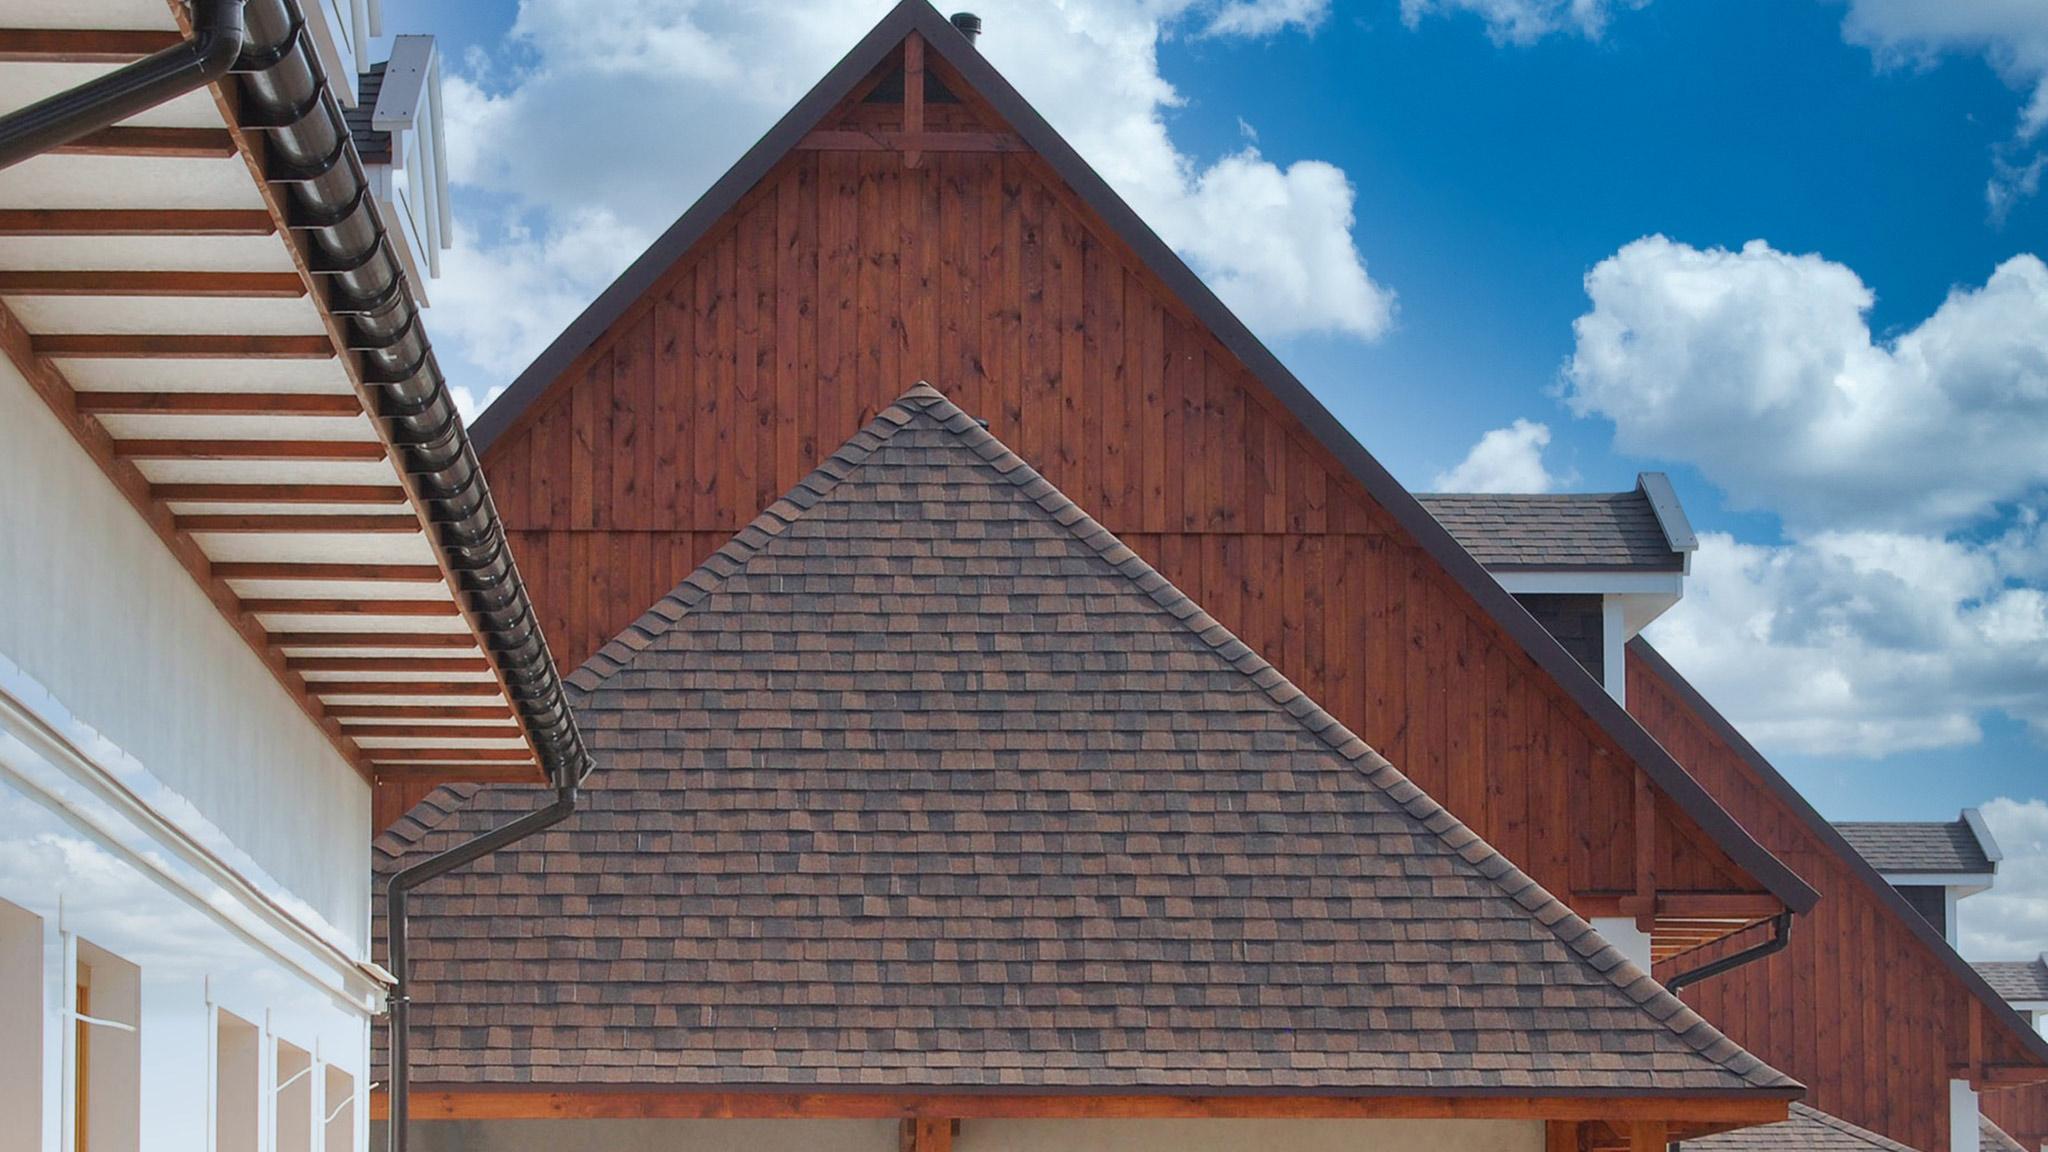 Na dachu widoczny gont marki CertainTeed z linii Landmark w kolorze Burnt Sienna